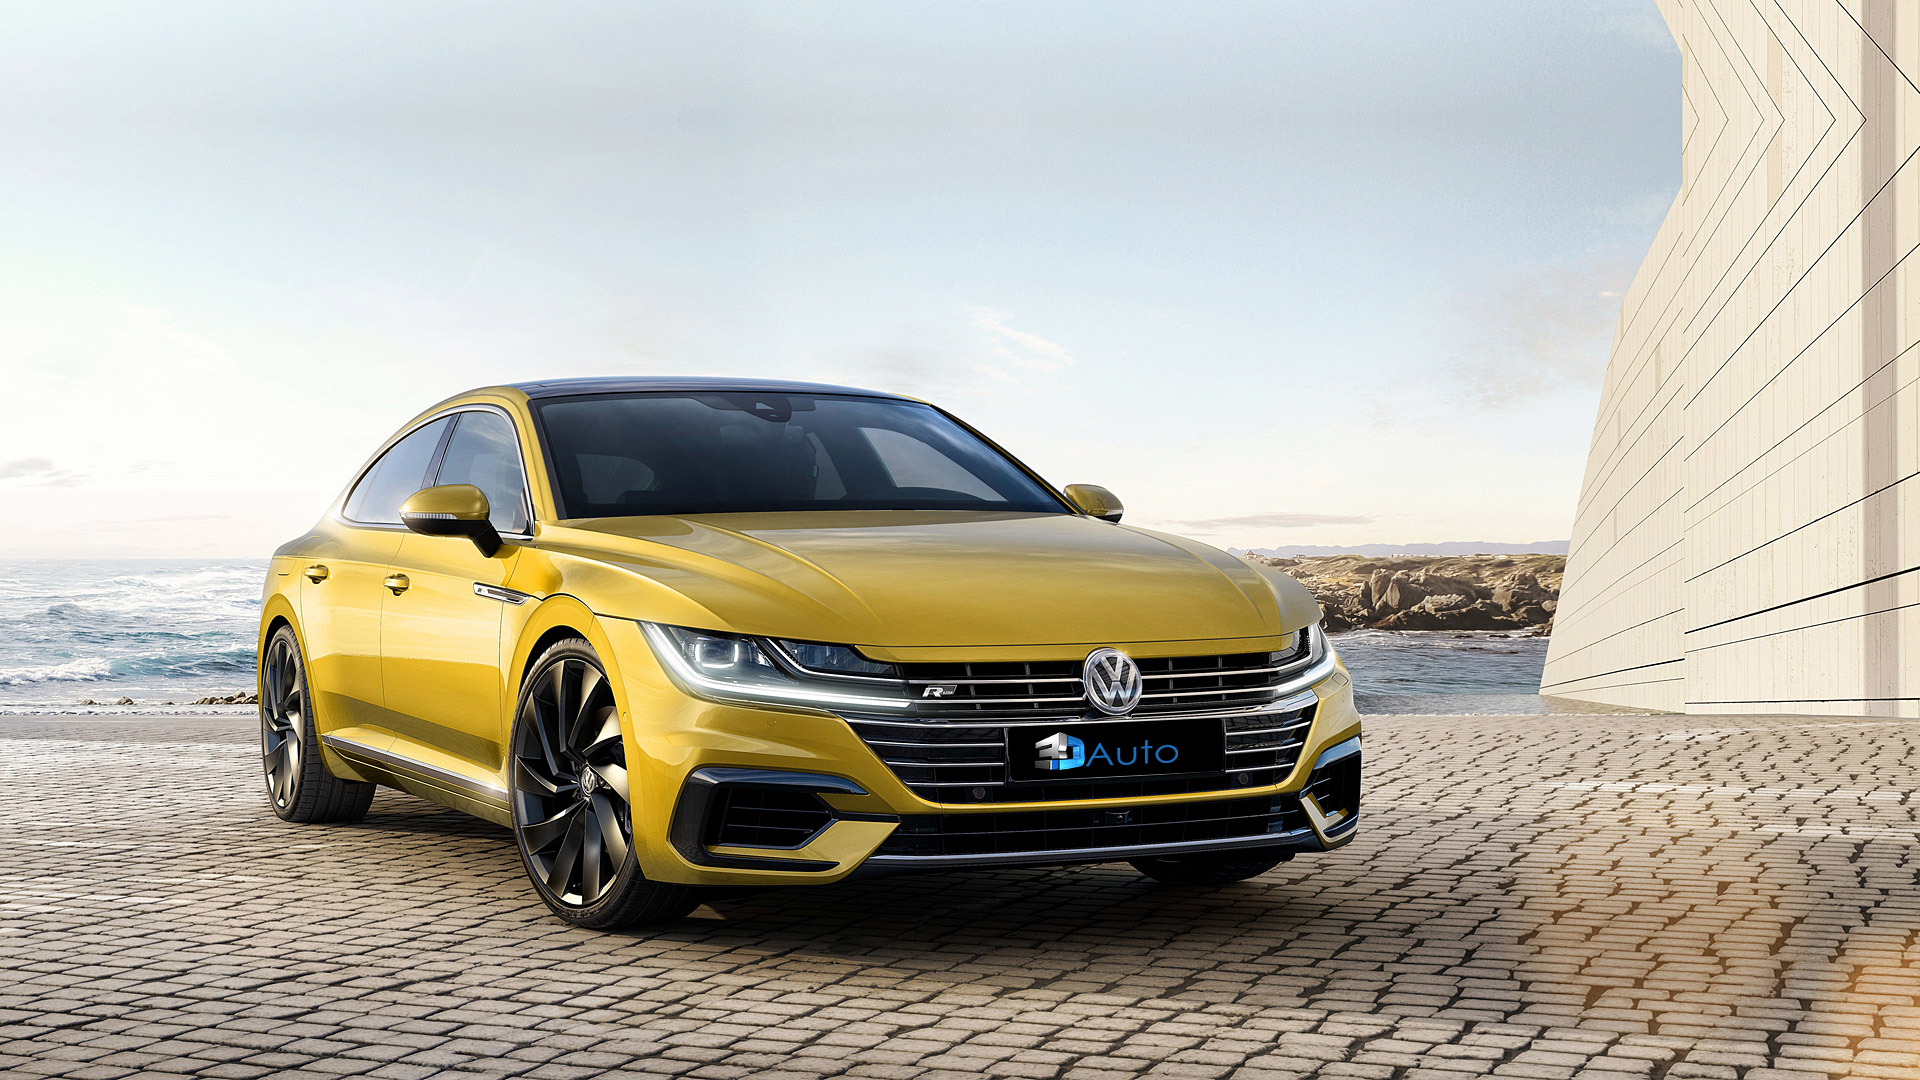 2018-Volkswagen-Arteon-V3-1080